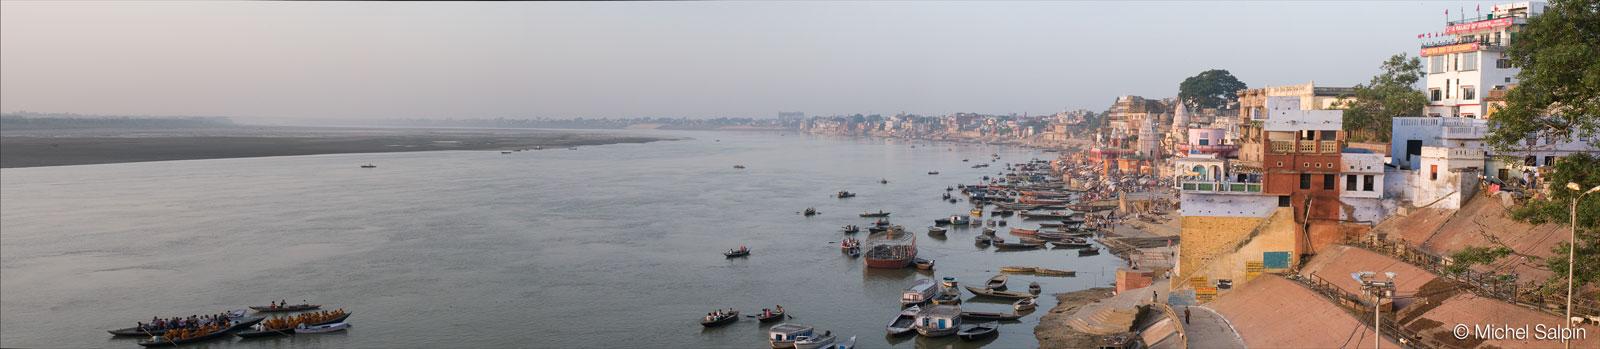 Varanasi au petit matin - Inde